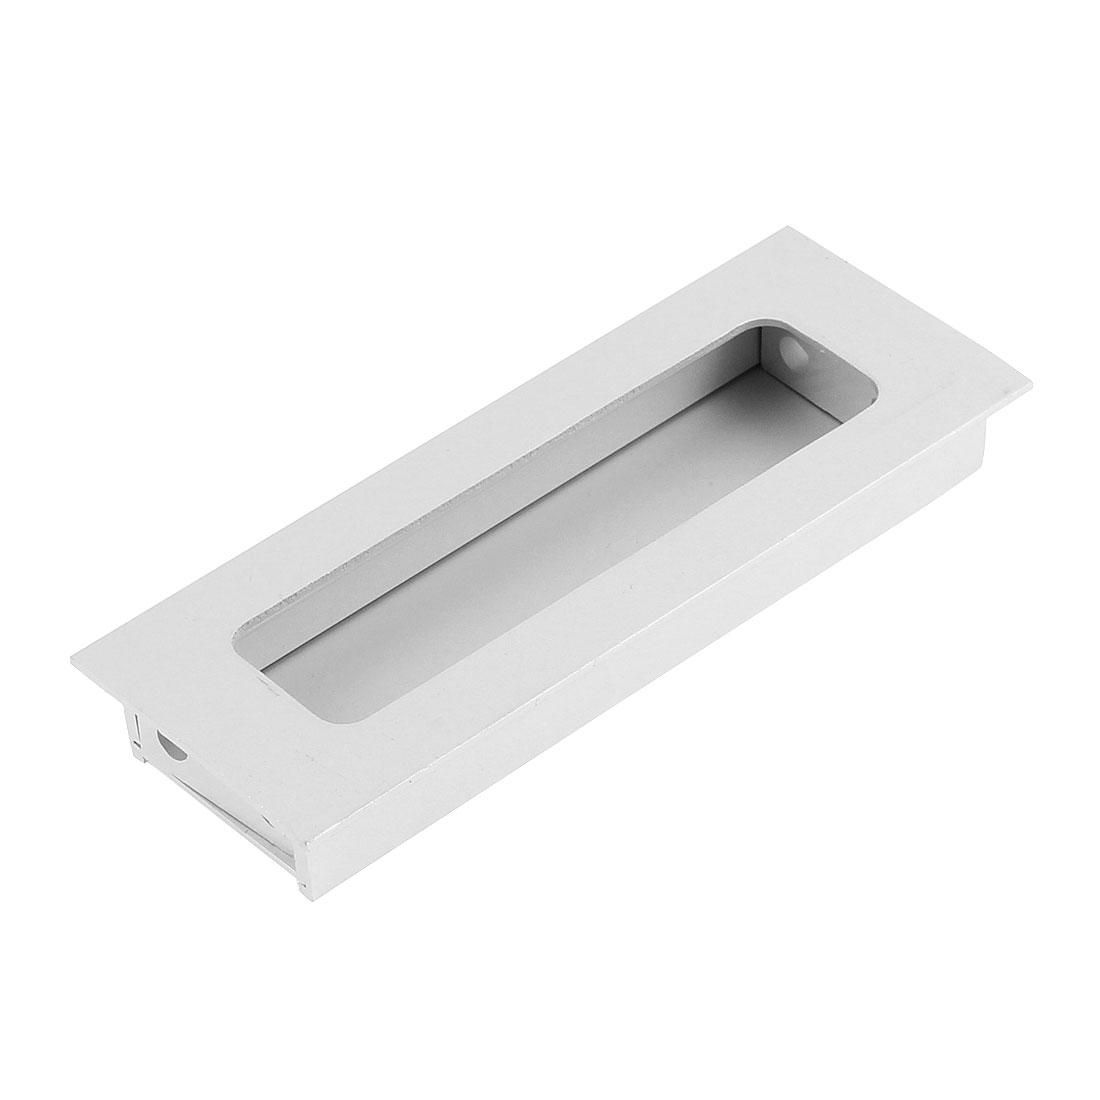 111mm x 42mm Aluminum Rectangular Furniture Cabinet Door Flush Recessed Pull Handle Grip